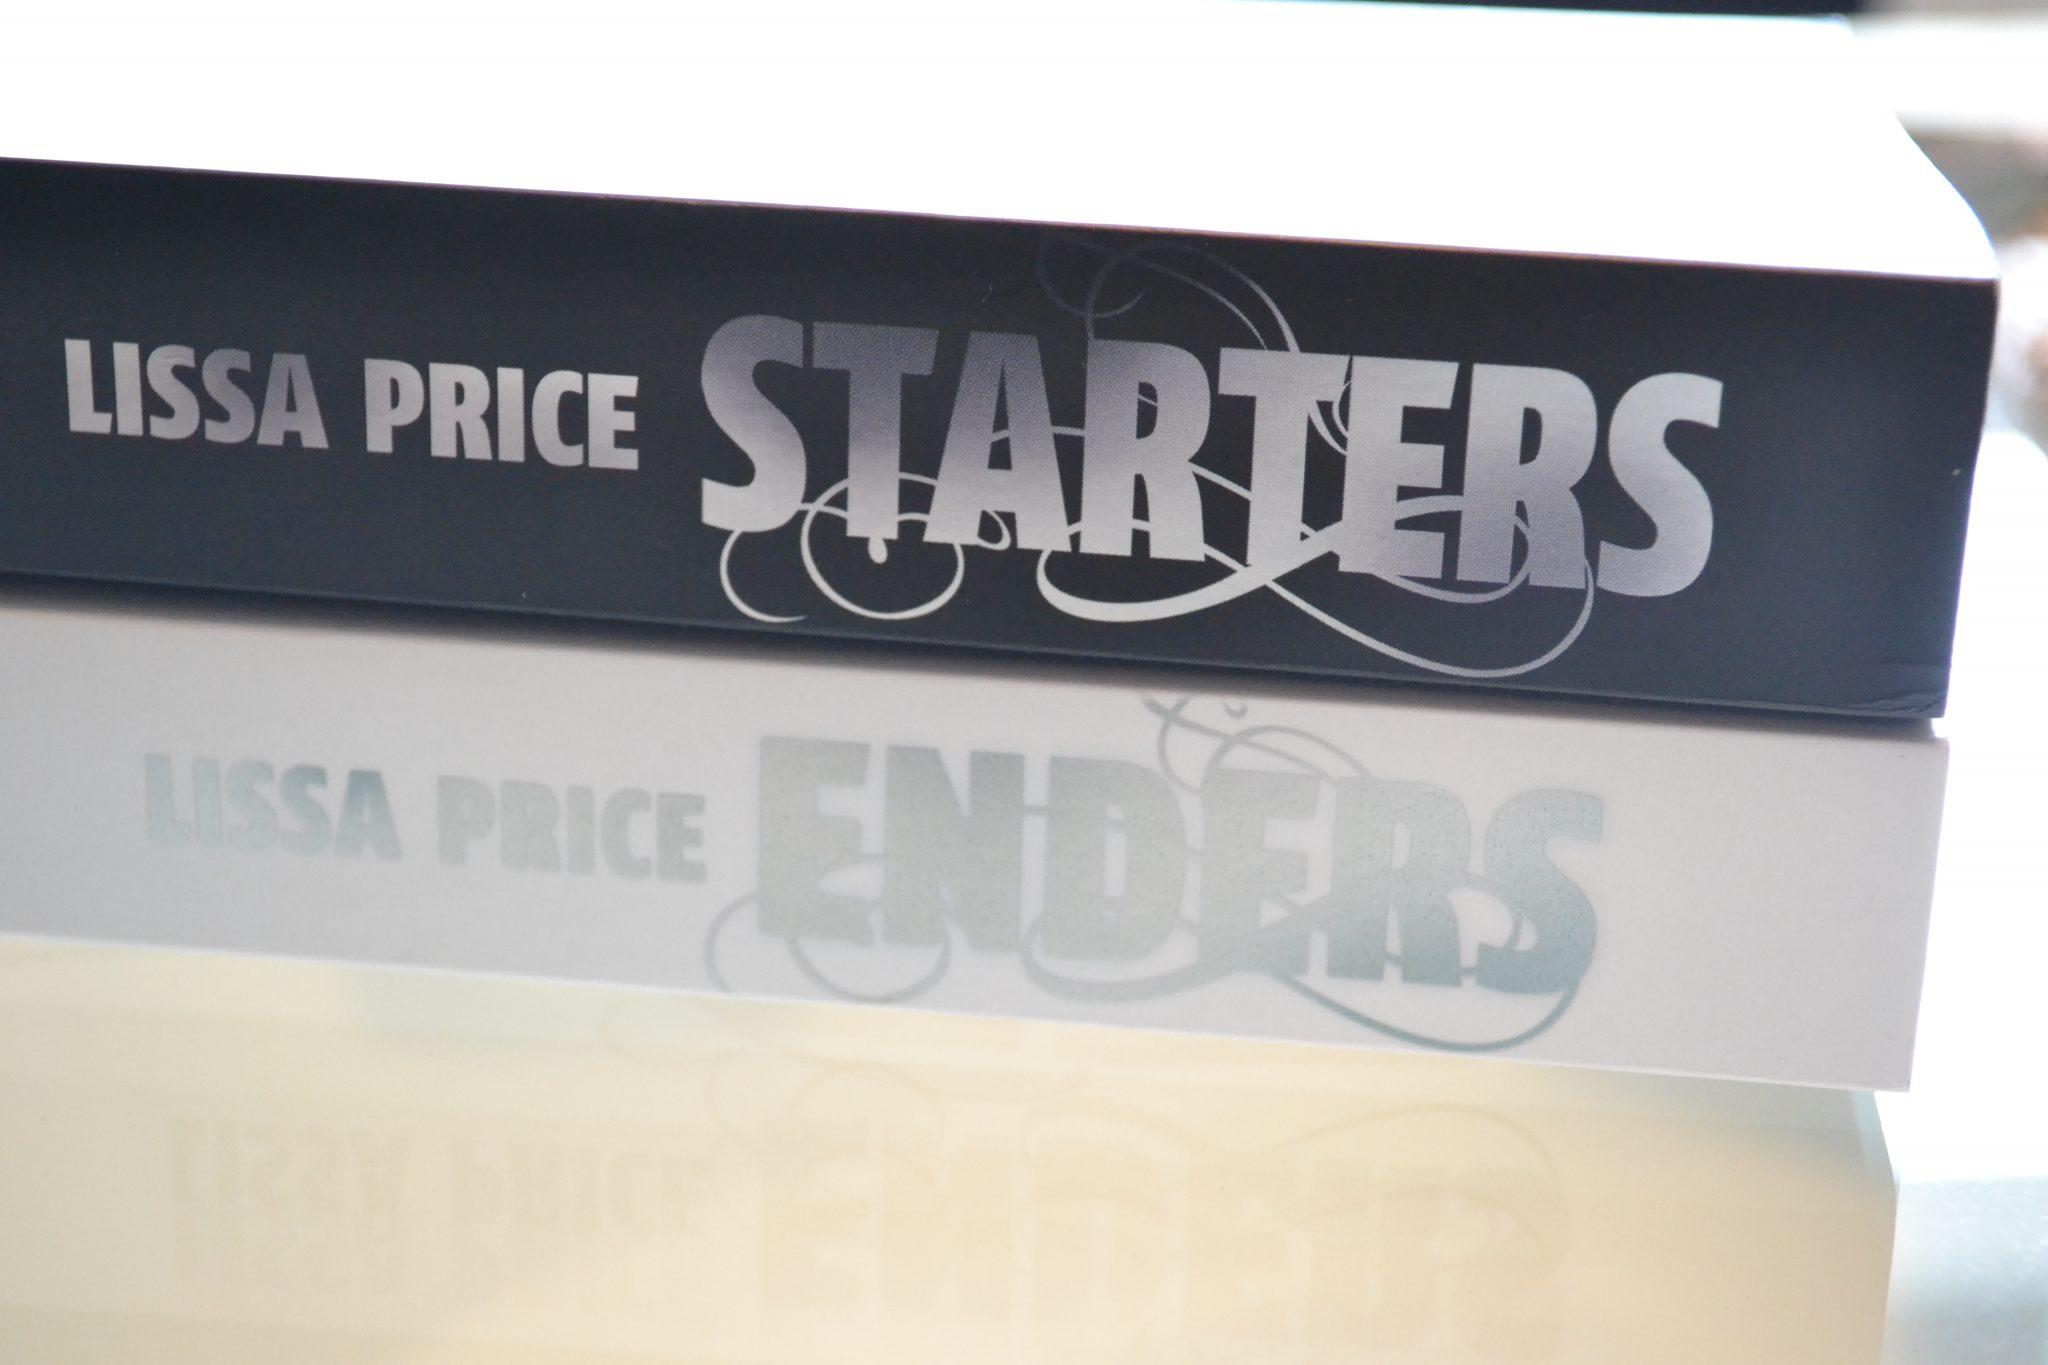 Books: Starters & Enders | Lissa Price - DSC 0114